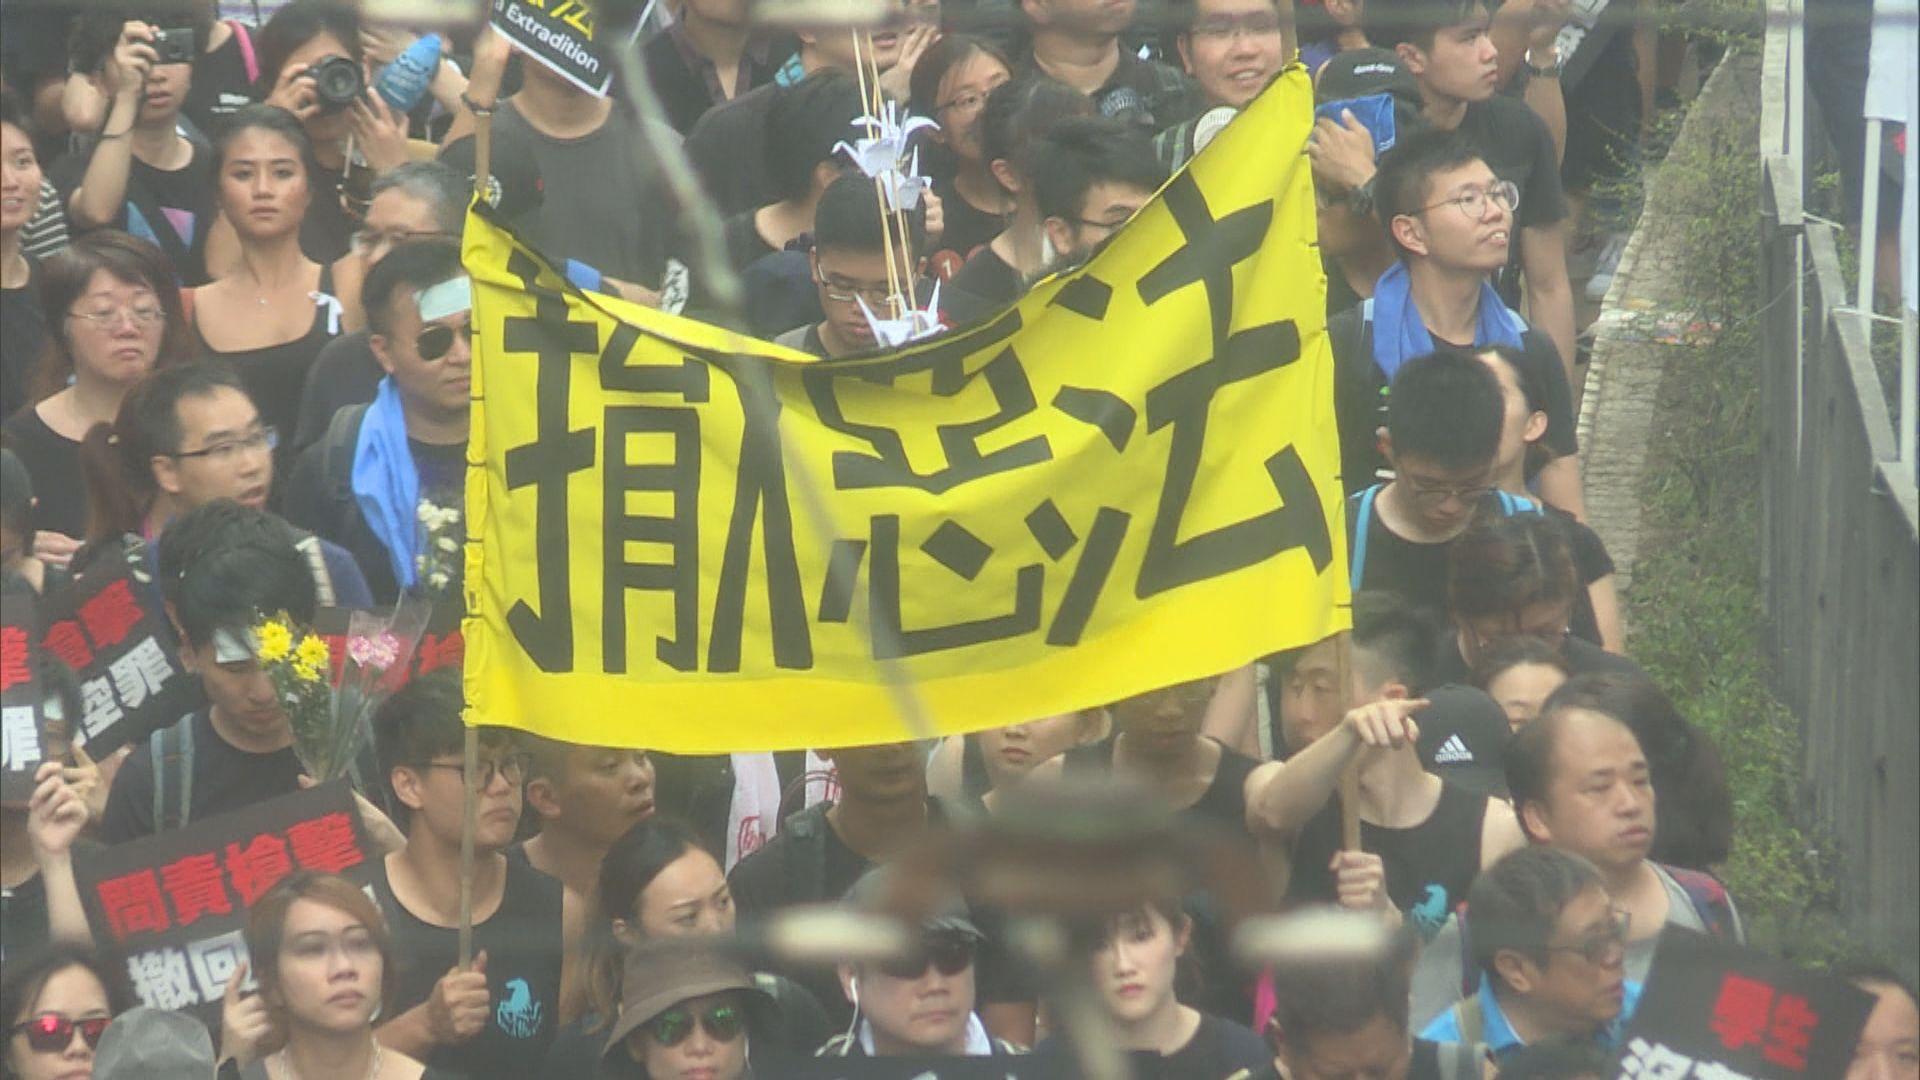 楊潤雄:年輕人參與反修例運動是關心社會